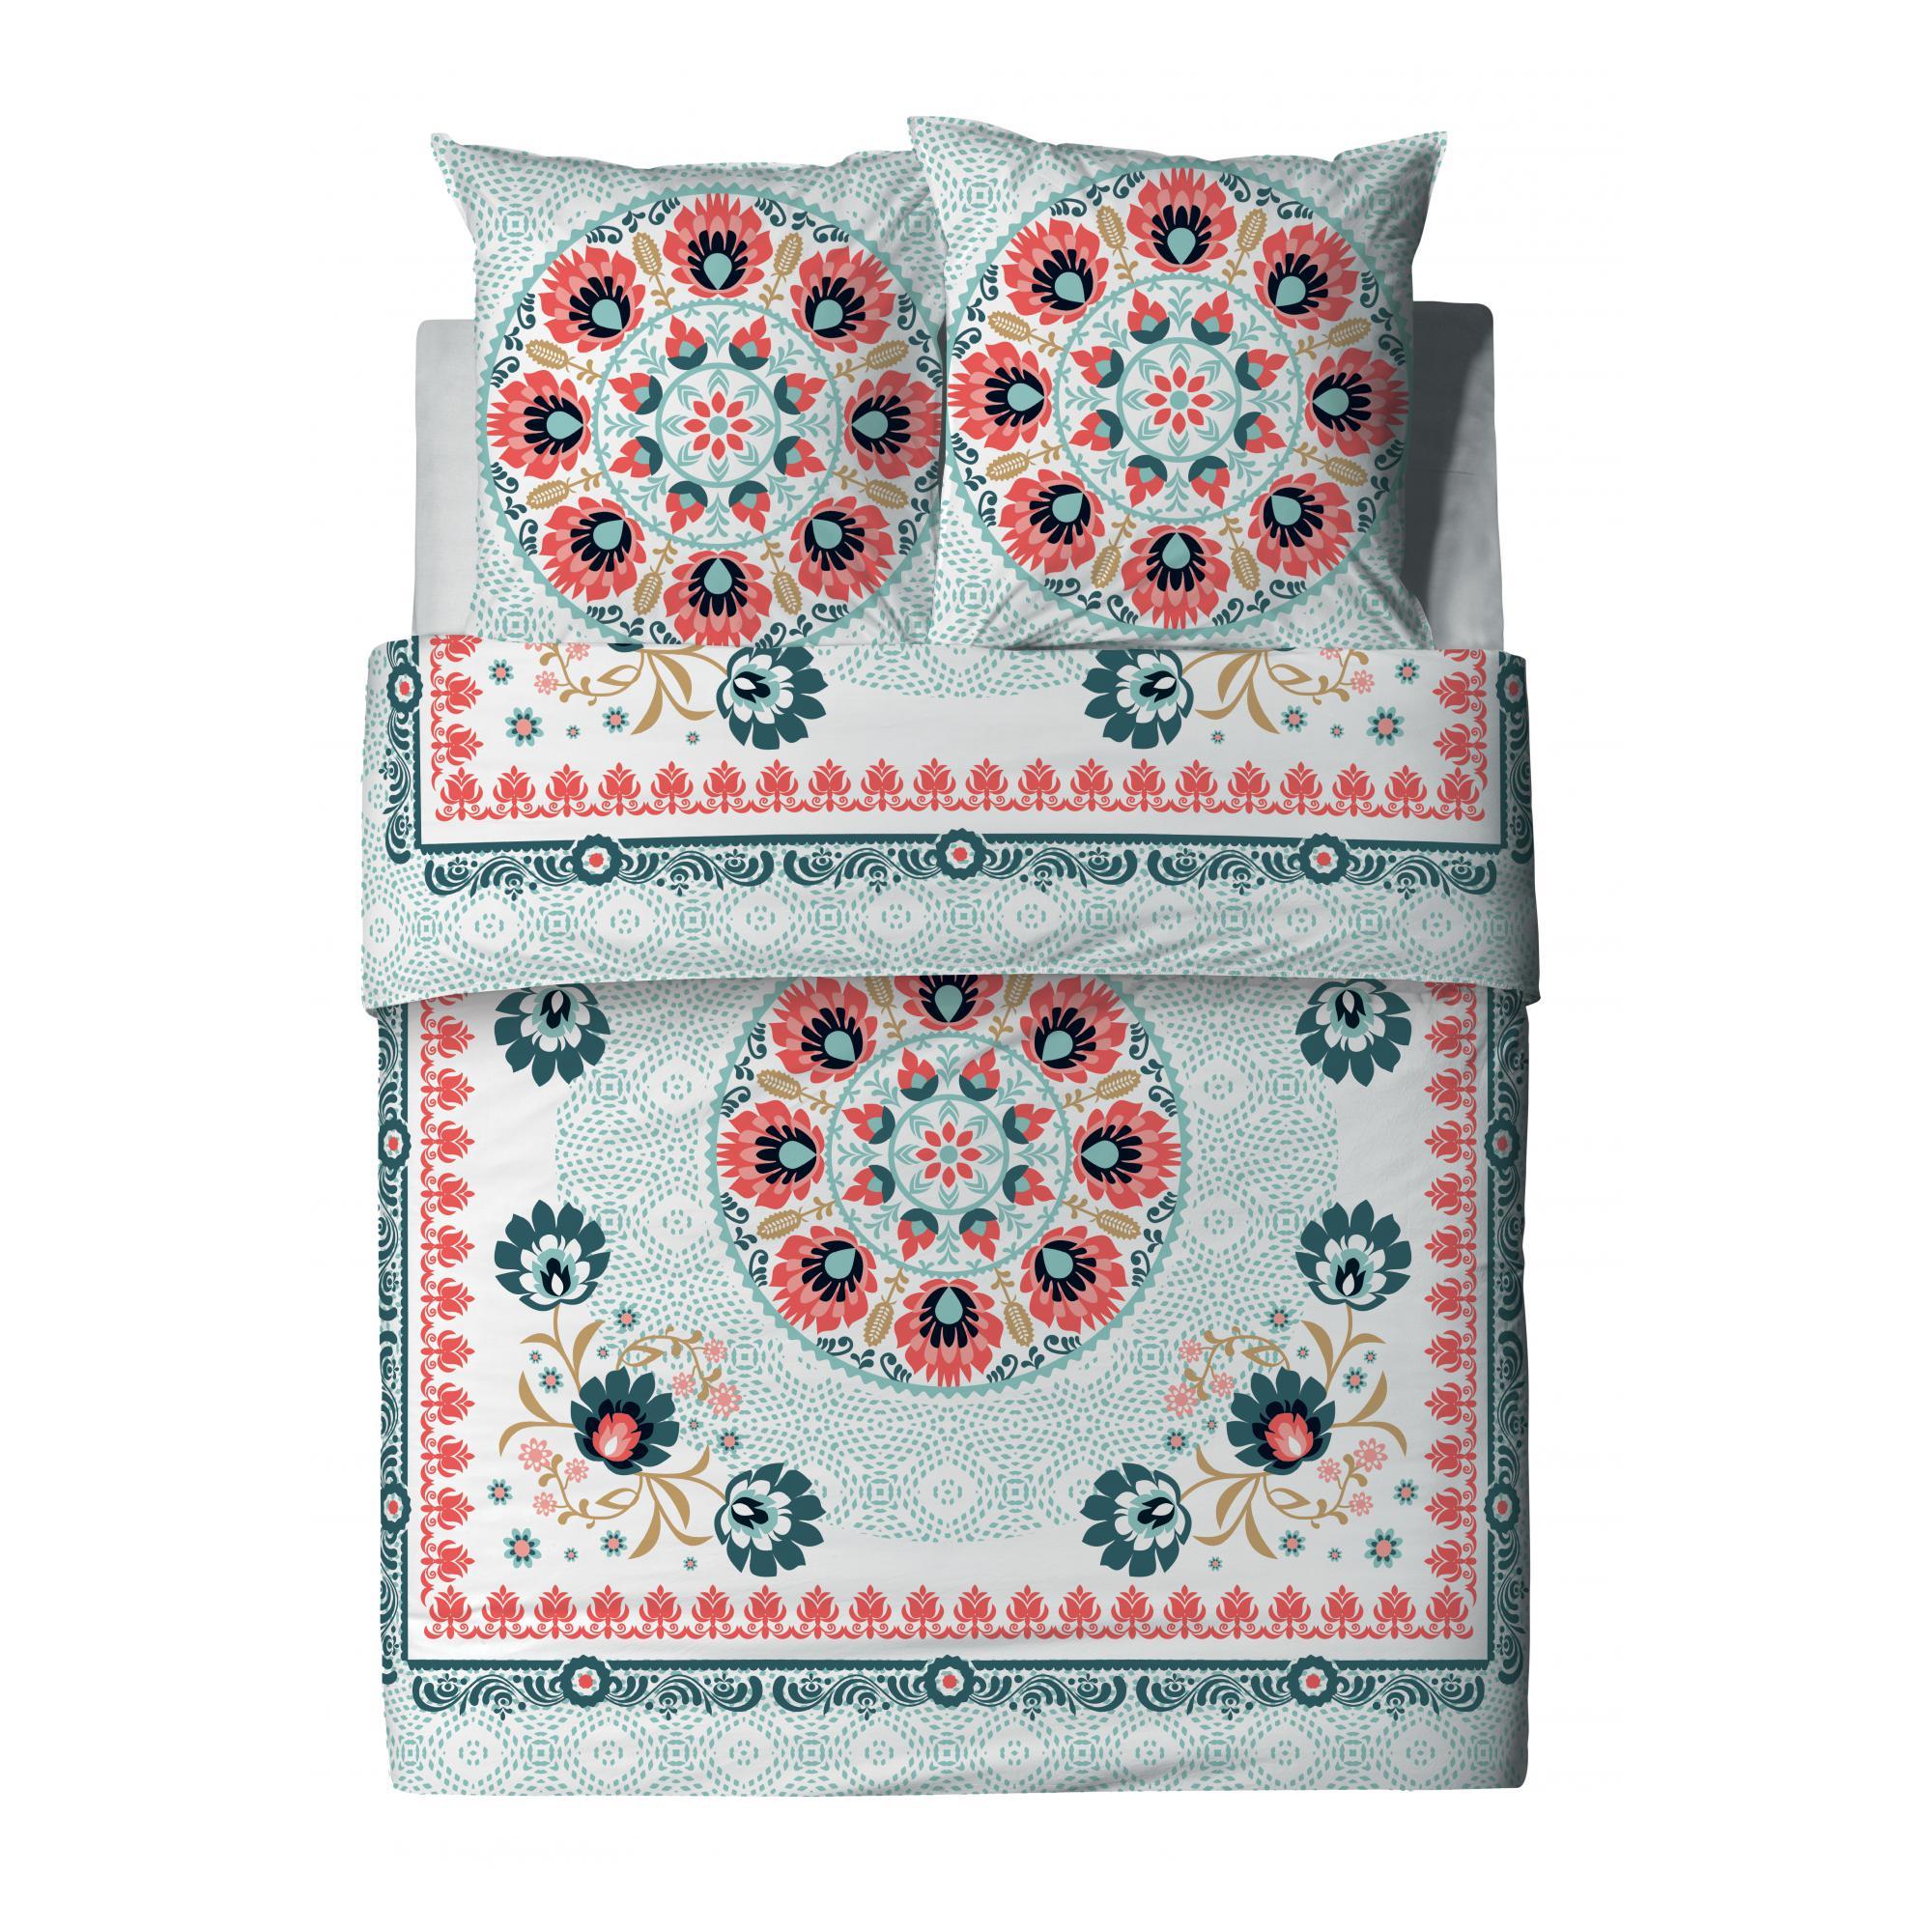 Parure de lit 2 personnes Camélia avec housse de couette et taies d'oreiller Imprimé 240 x 220